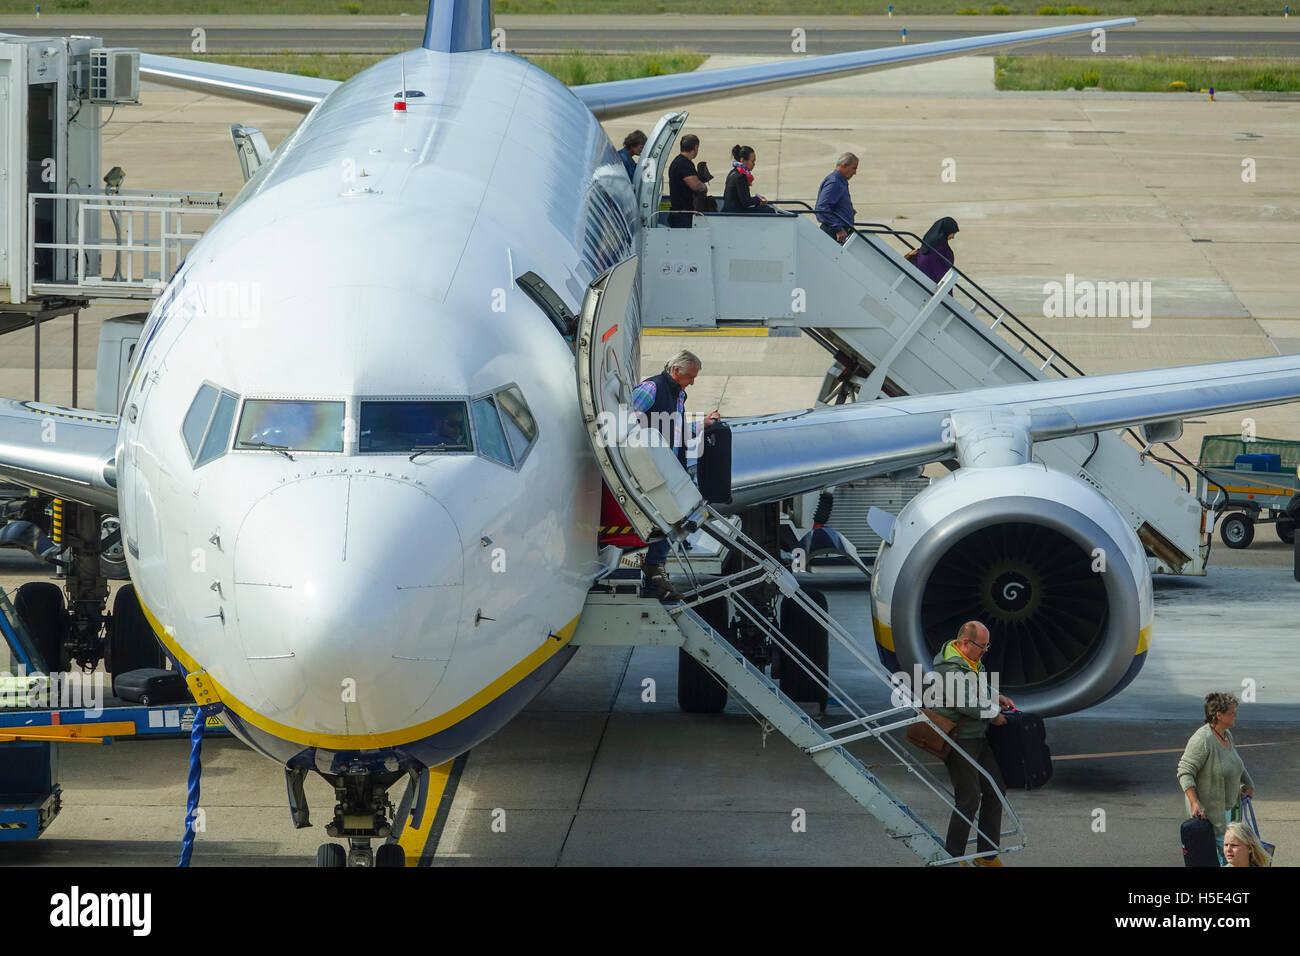 Voyage en avion - les gens descendre de l'avion à destination Photo Stock